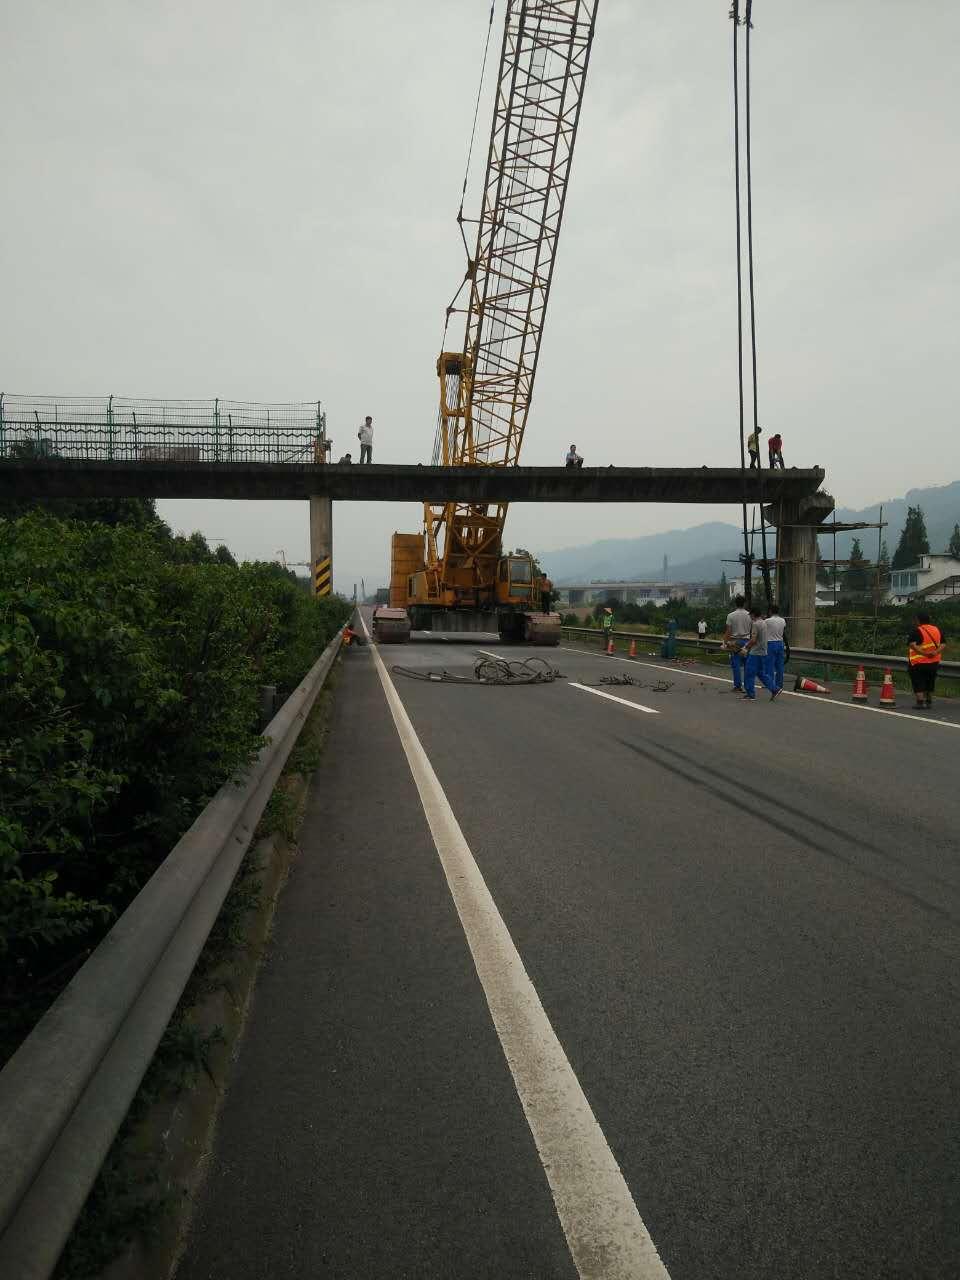 桥梁切割 钻孔切割公司 重庆镪固建筑工程有限公司